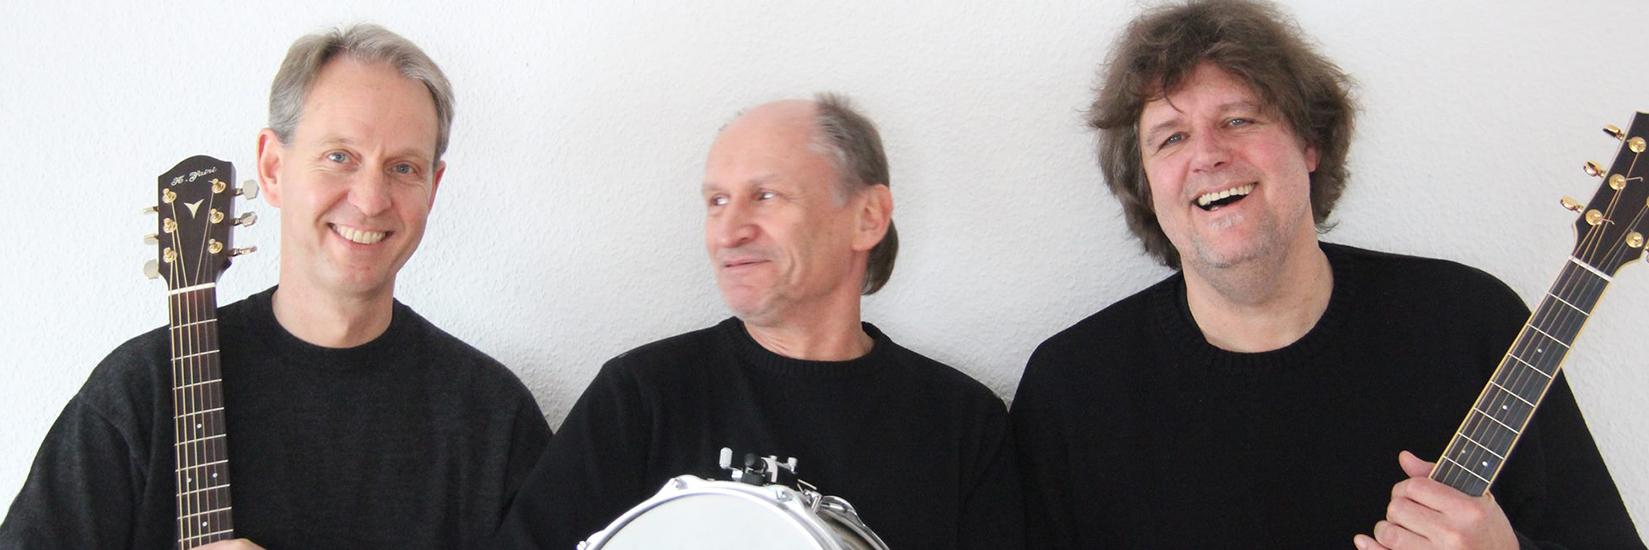 Peter Wulff-Thießen Trio